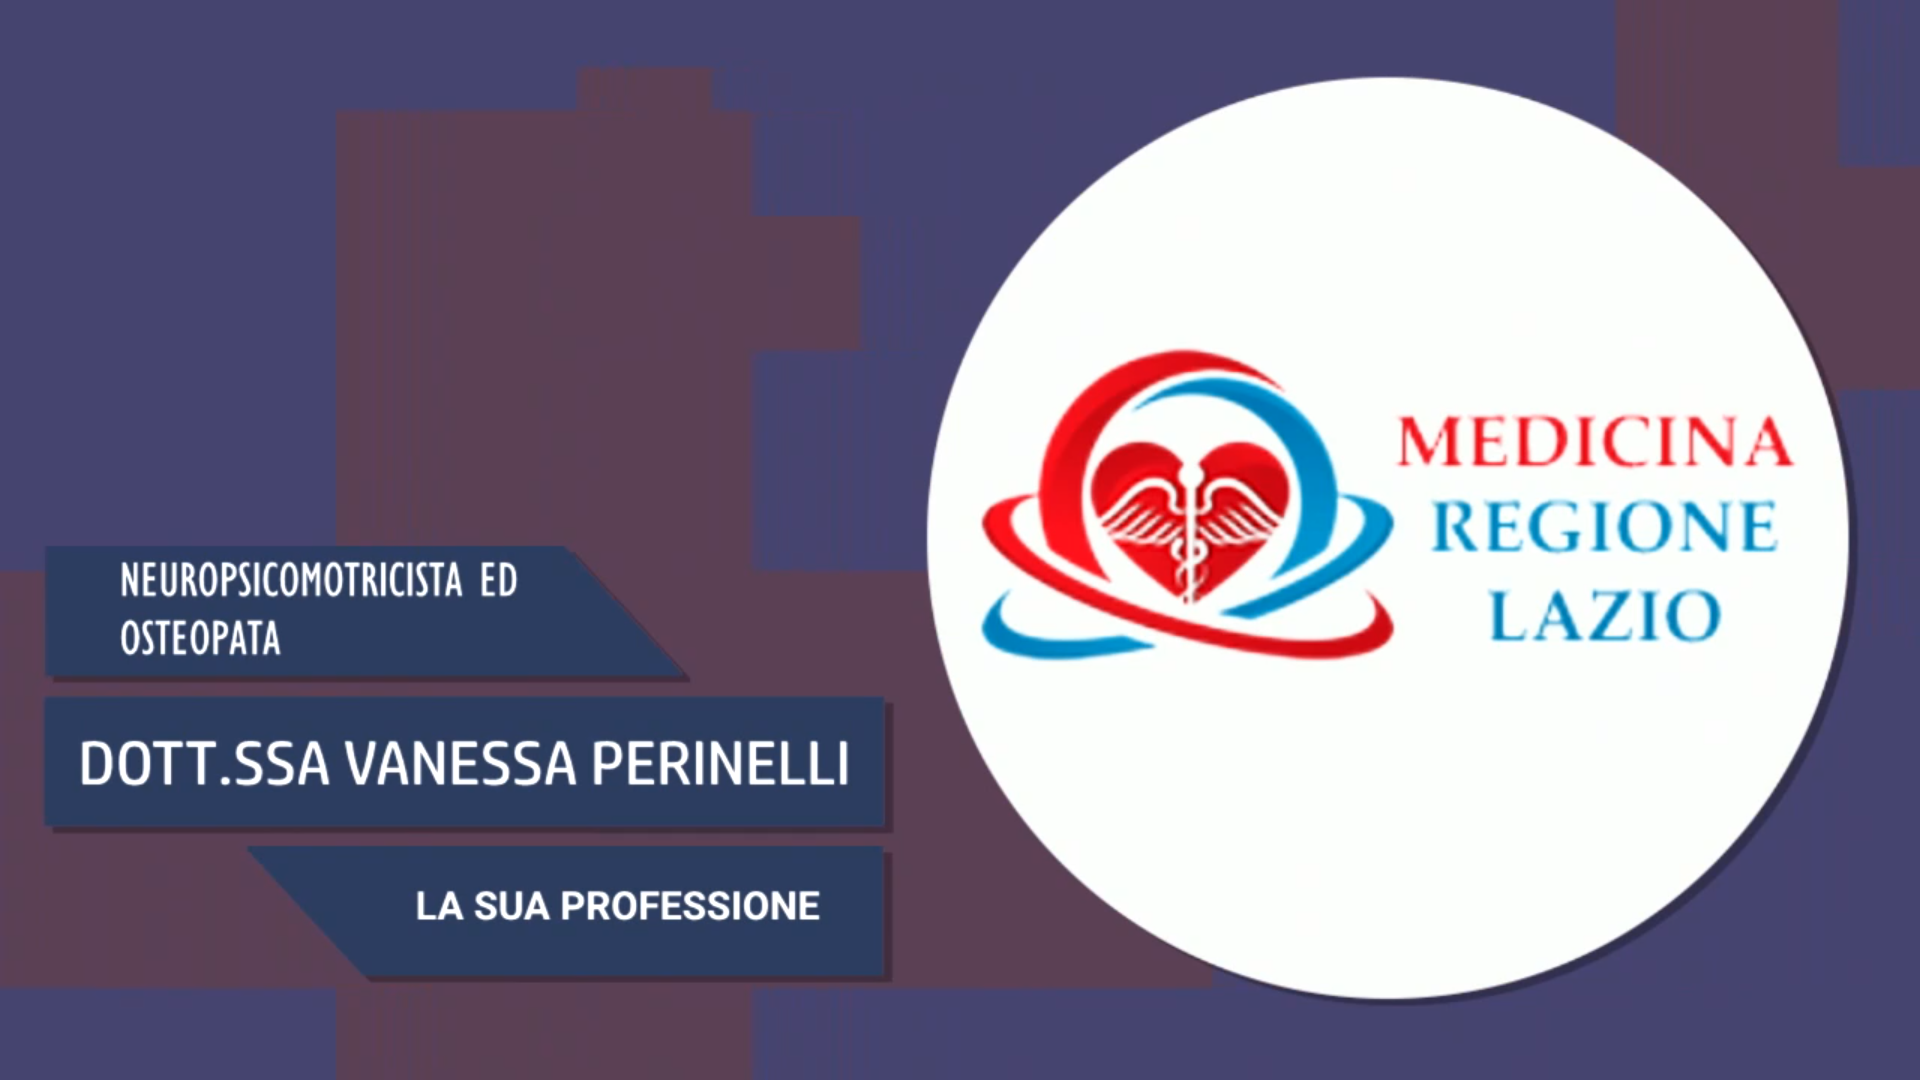 Intervista alla Dott.ssa Vanessa Perinelli – La sua professione